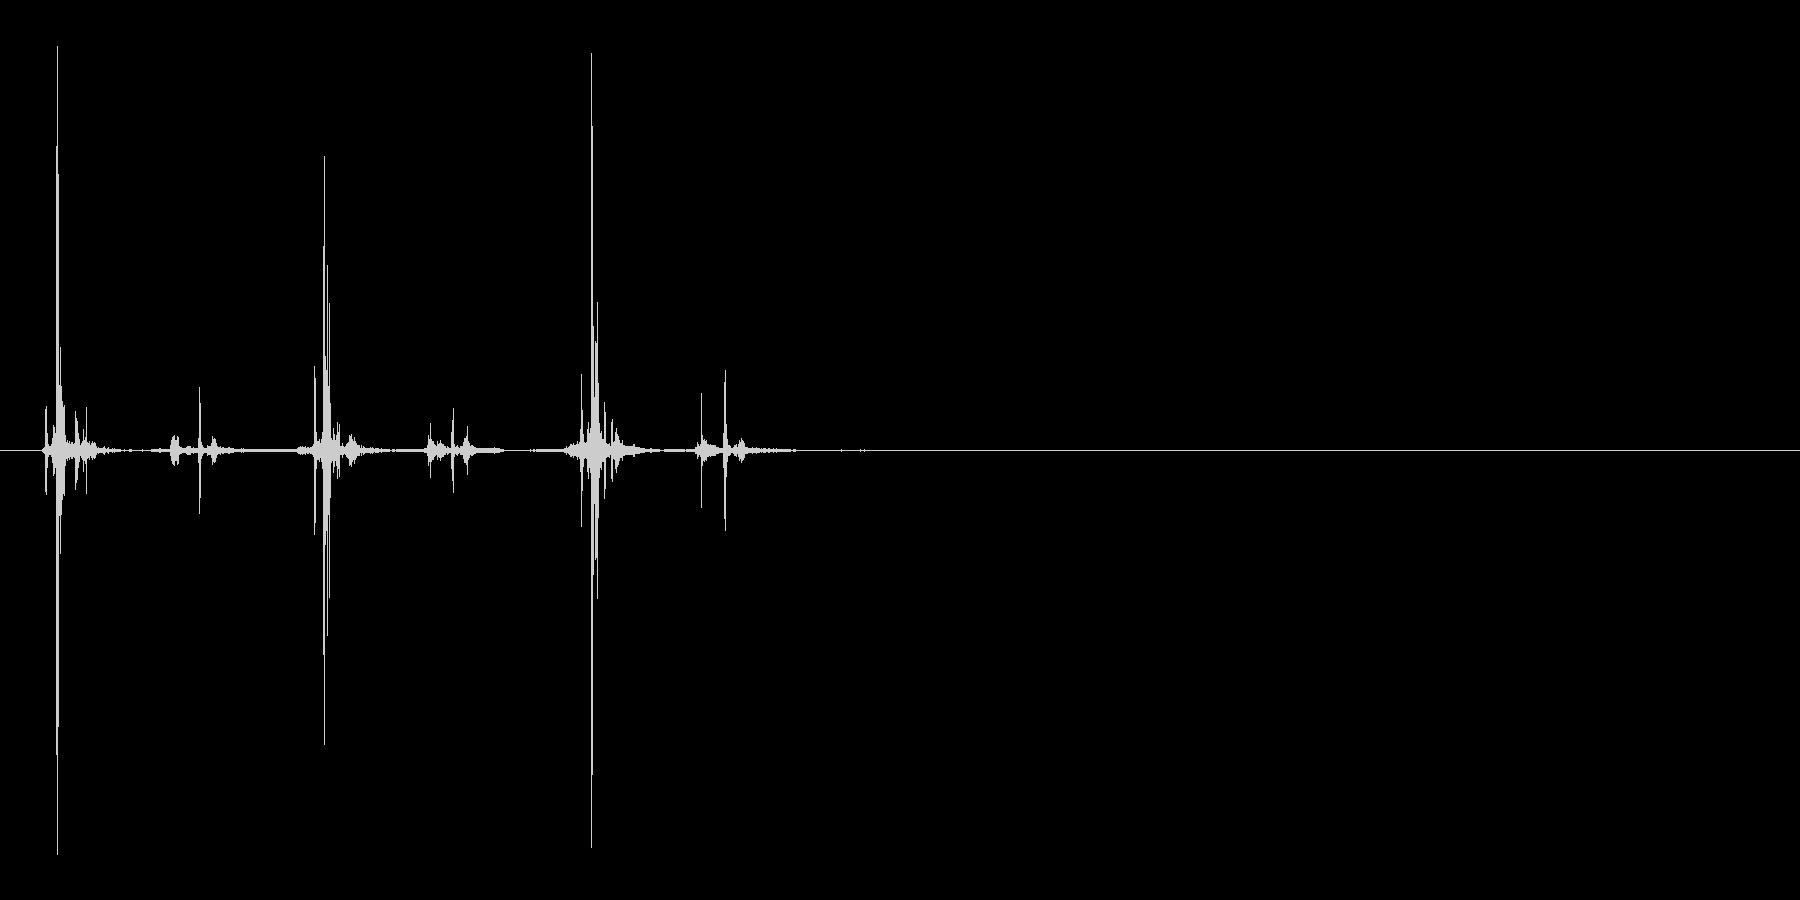 シャープペンを3回ノックする音の未再生の波形